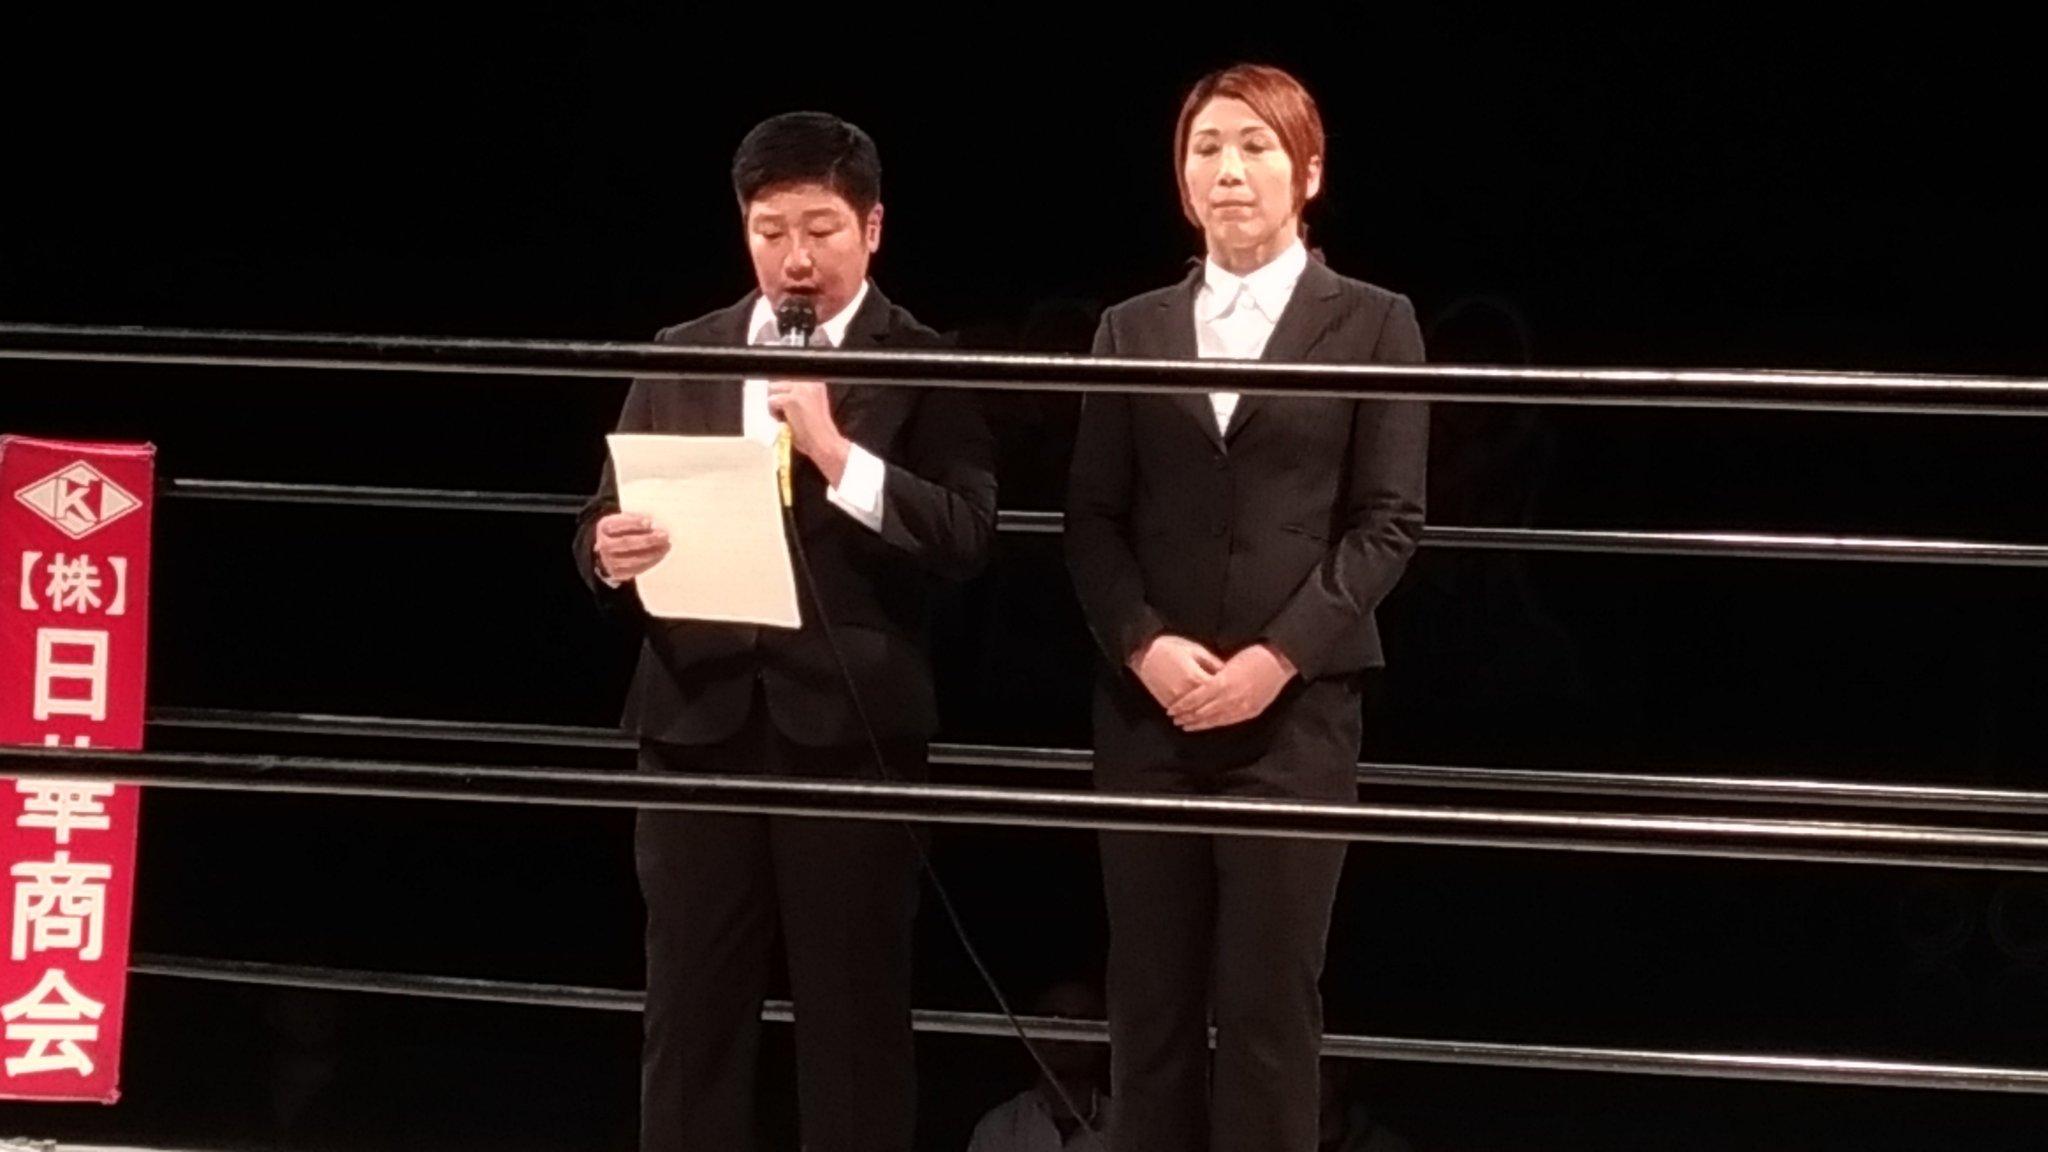 濱田文子 レスラー